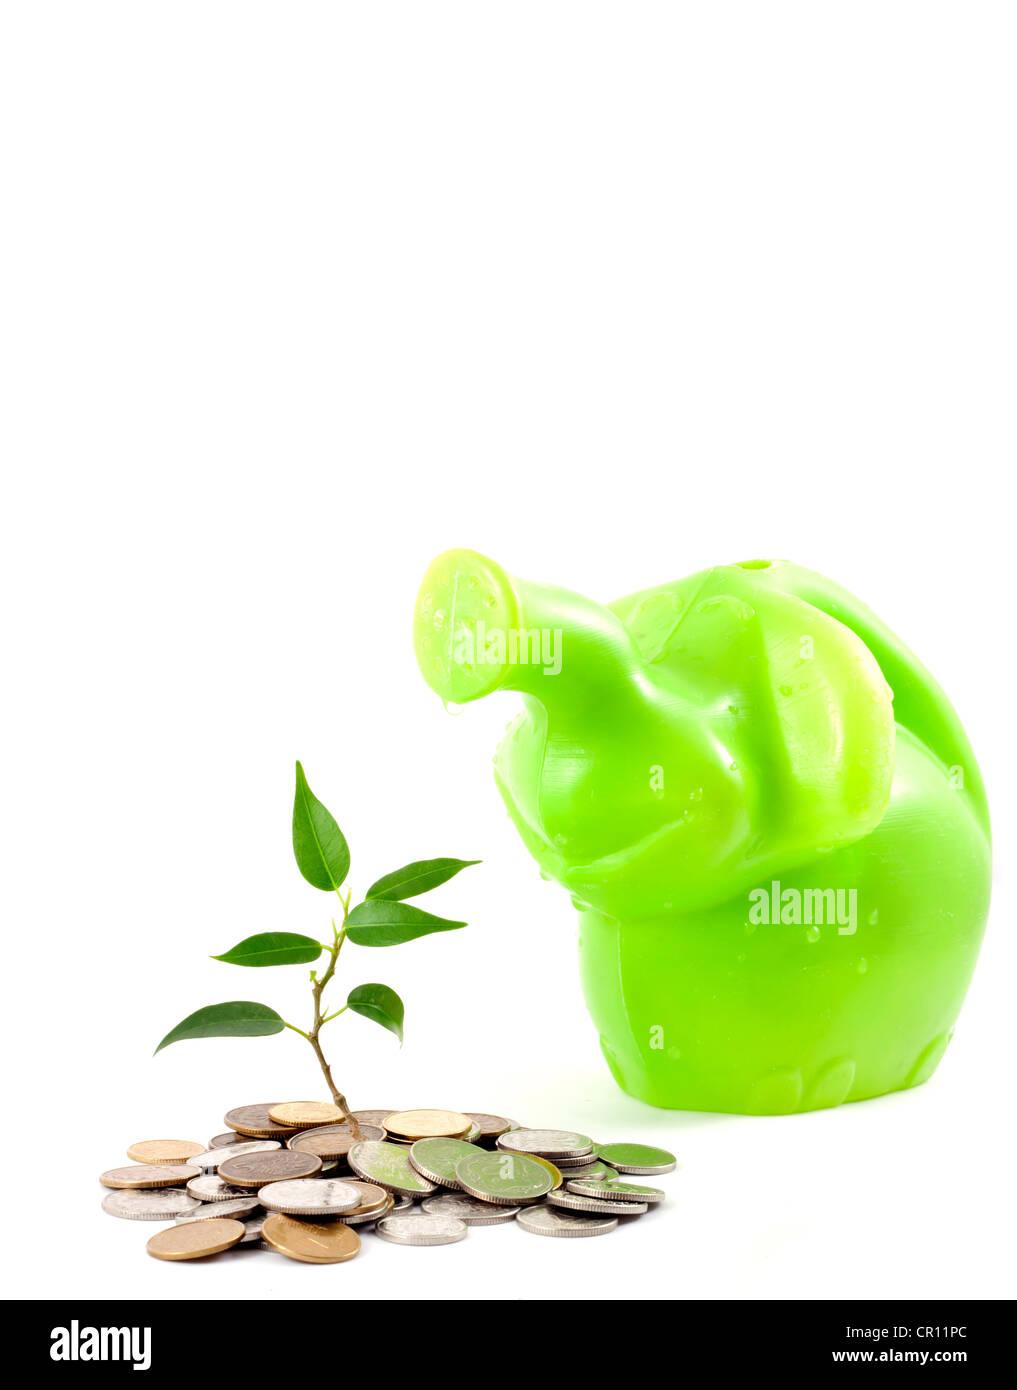 Plante verte sur le fond blanc de la métaphore d'économiser de l'argent à la banque et à protéger Banque D'Images